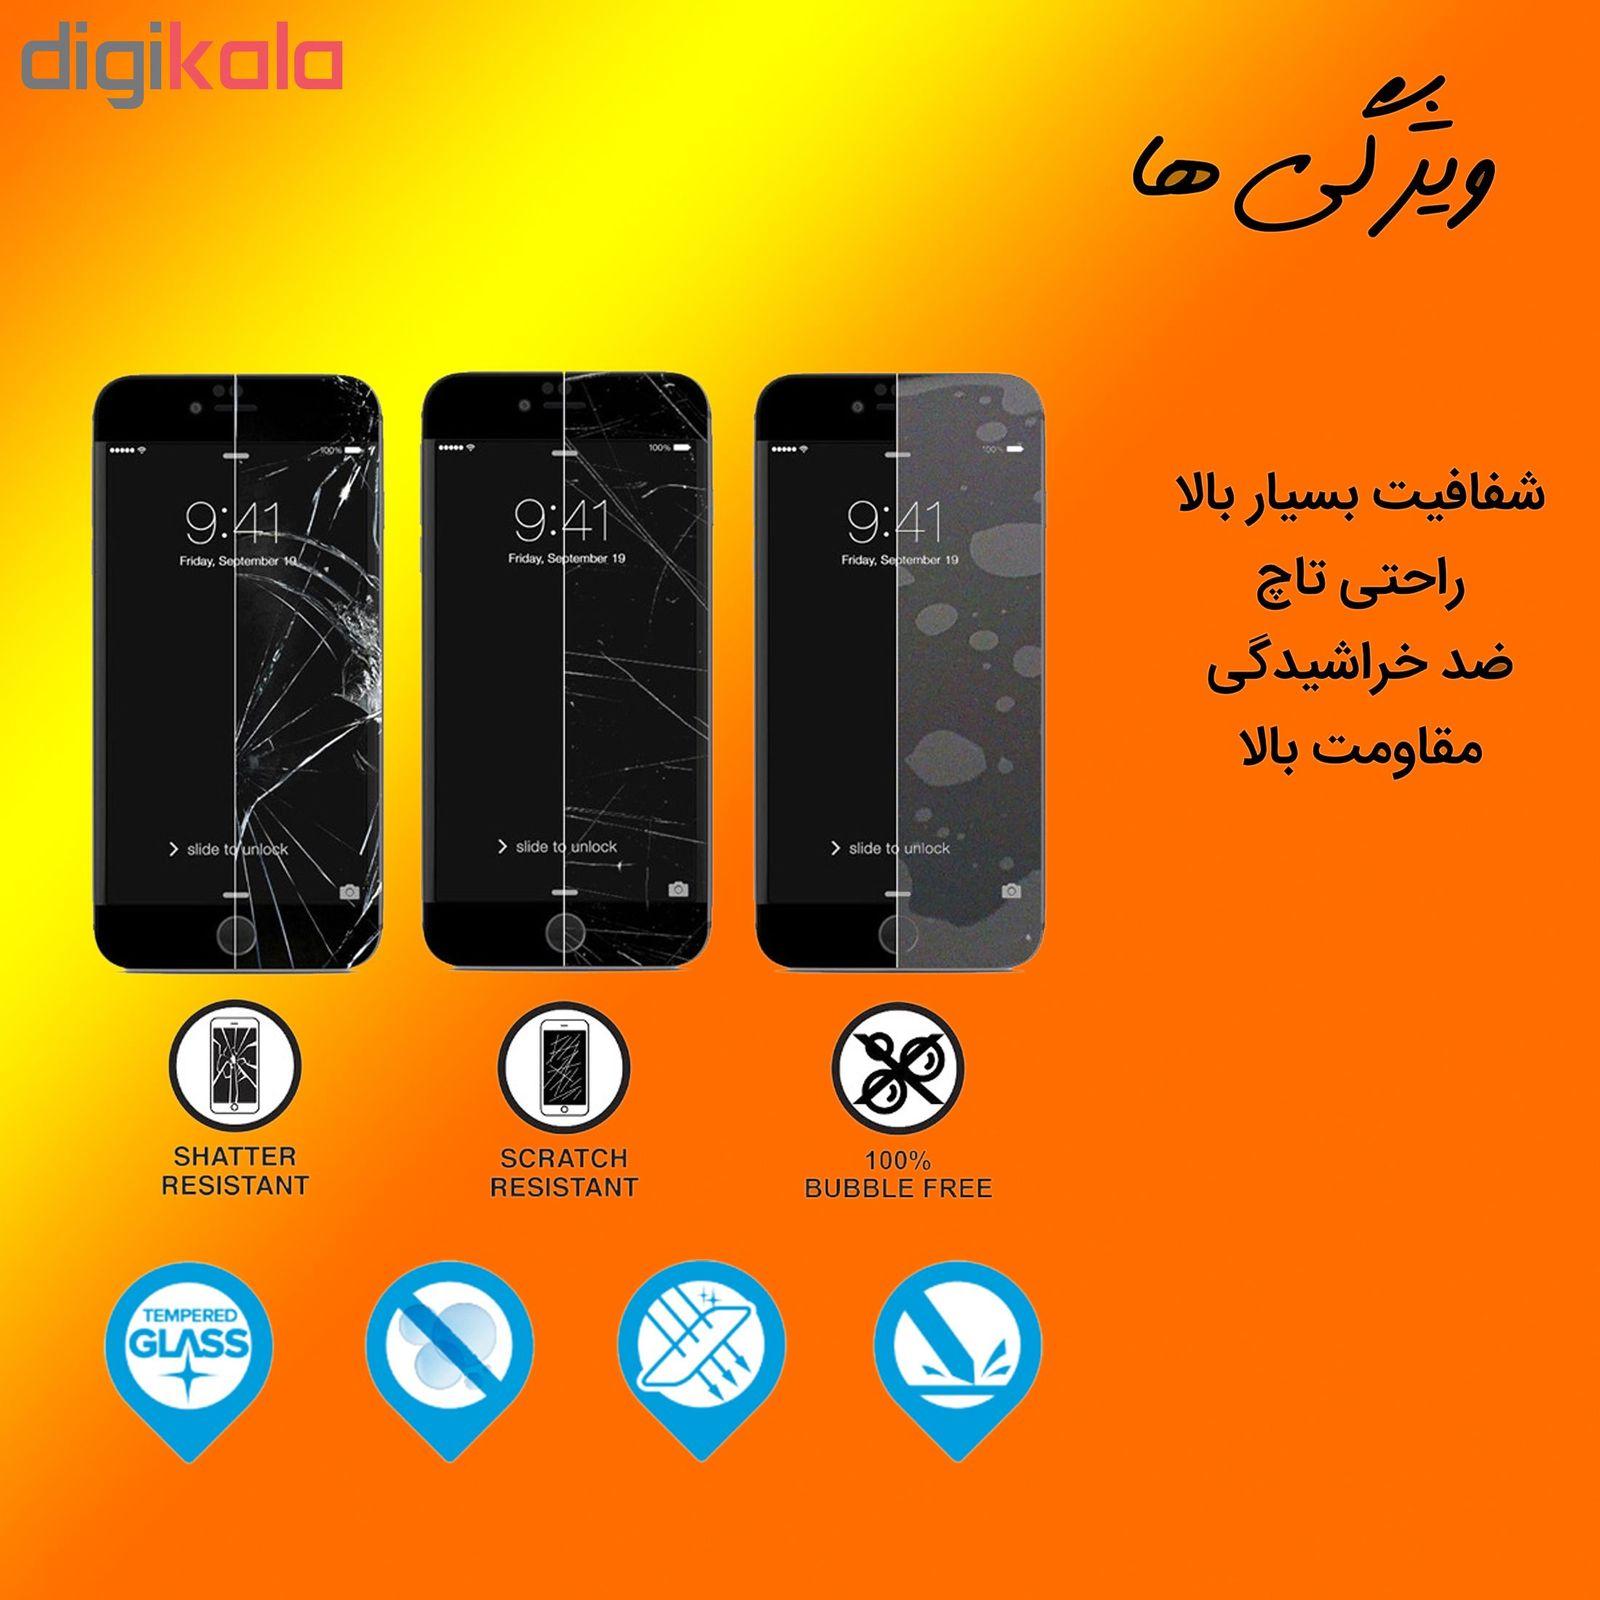 محافظ صفحه نمایش و پشت گوشی Hard and Thick مدل F-01 مناسب برای گوشی موبایل اپل Iphone X/Xs به همراه محافظ لنز دوربین main 1 2